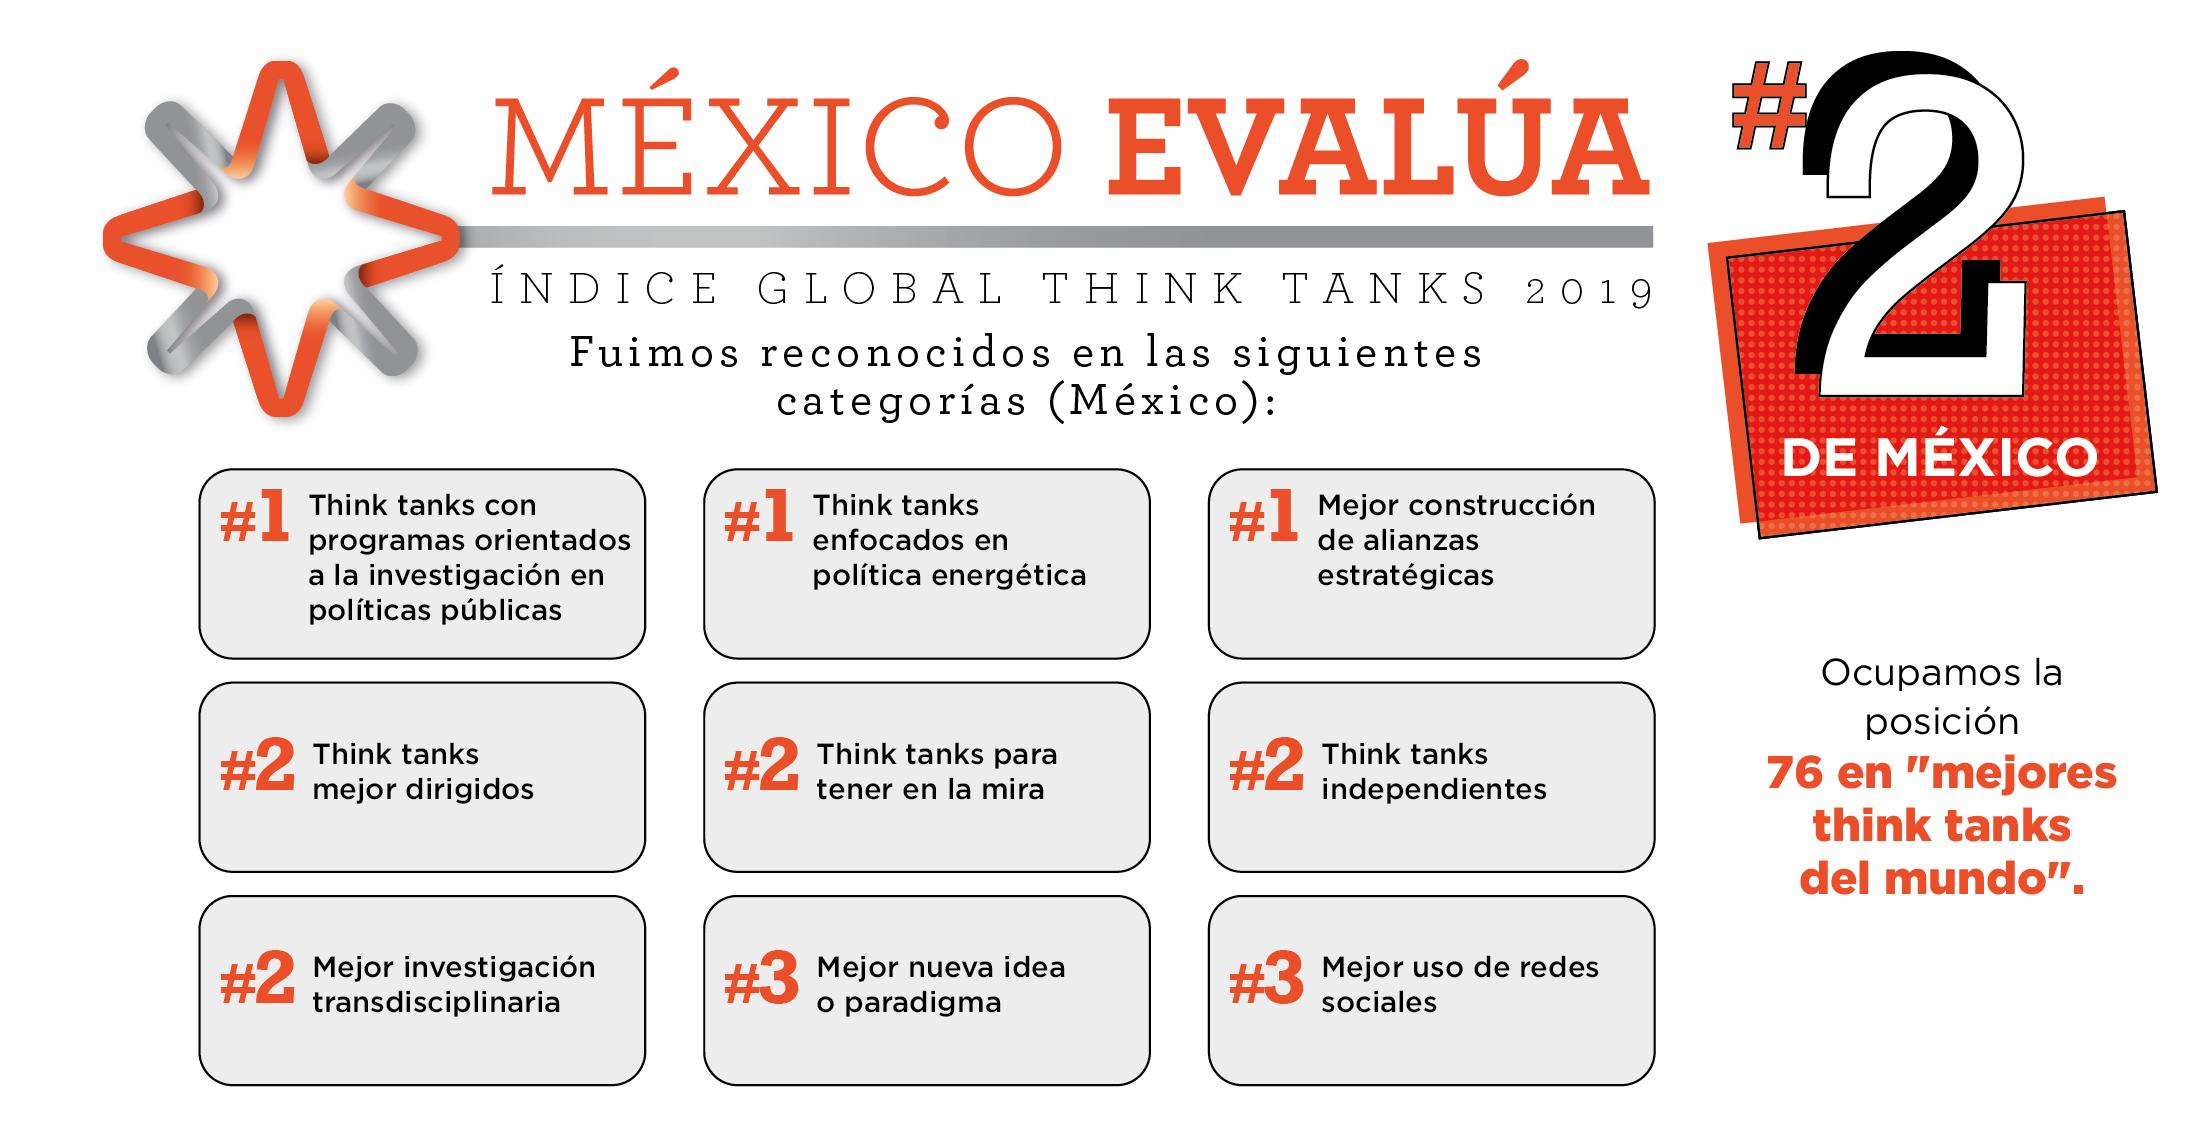 México Evalúa fue reconocido como el mejor think tank en investigación de políticas públicas del país